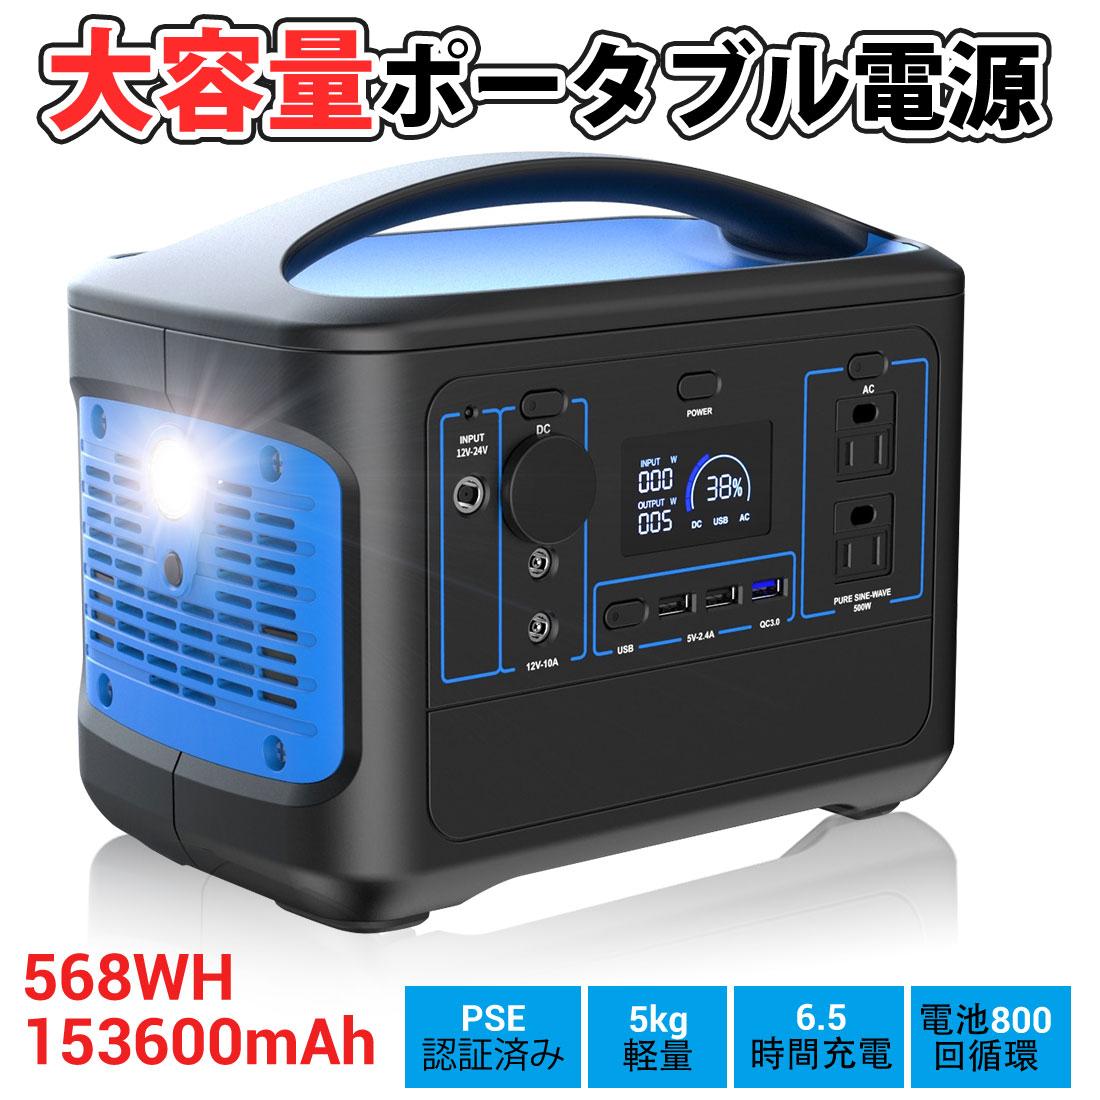 ポータブル電源 568WH